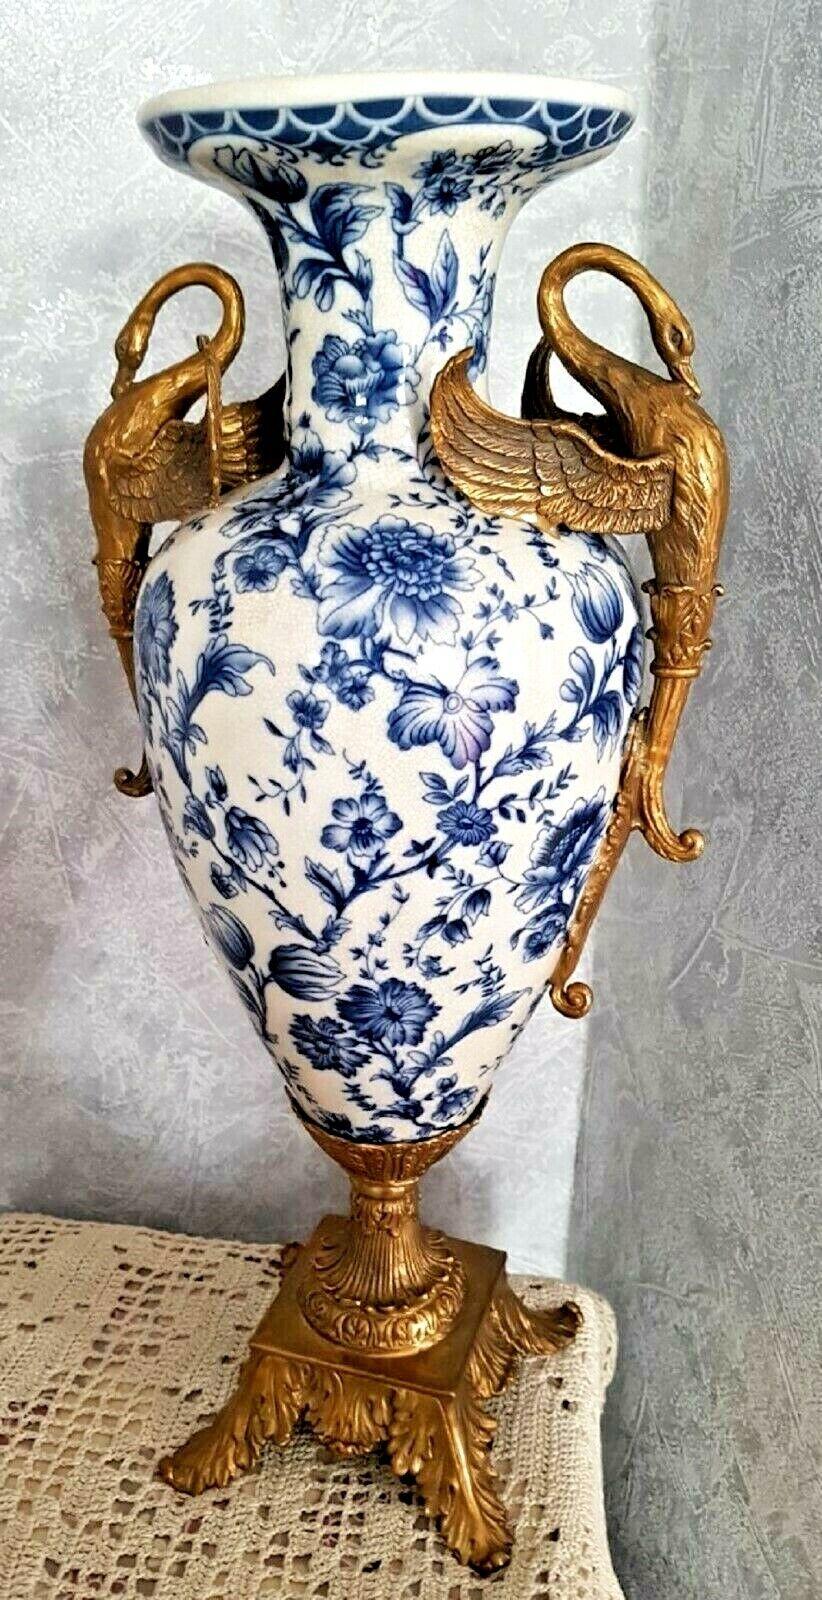 Luxus Blumenvase Porzellan Bronze Zwiebelmuster Jugendstil Antik Stil Vase Edel